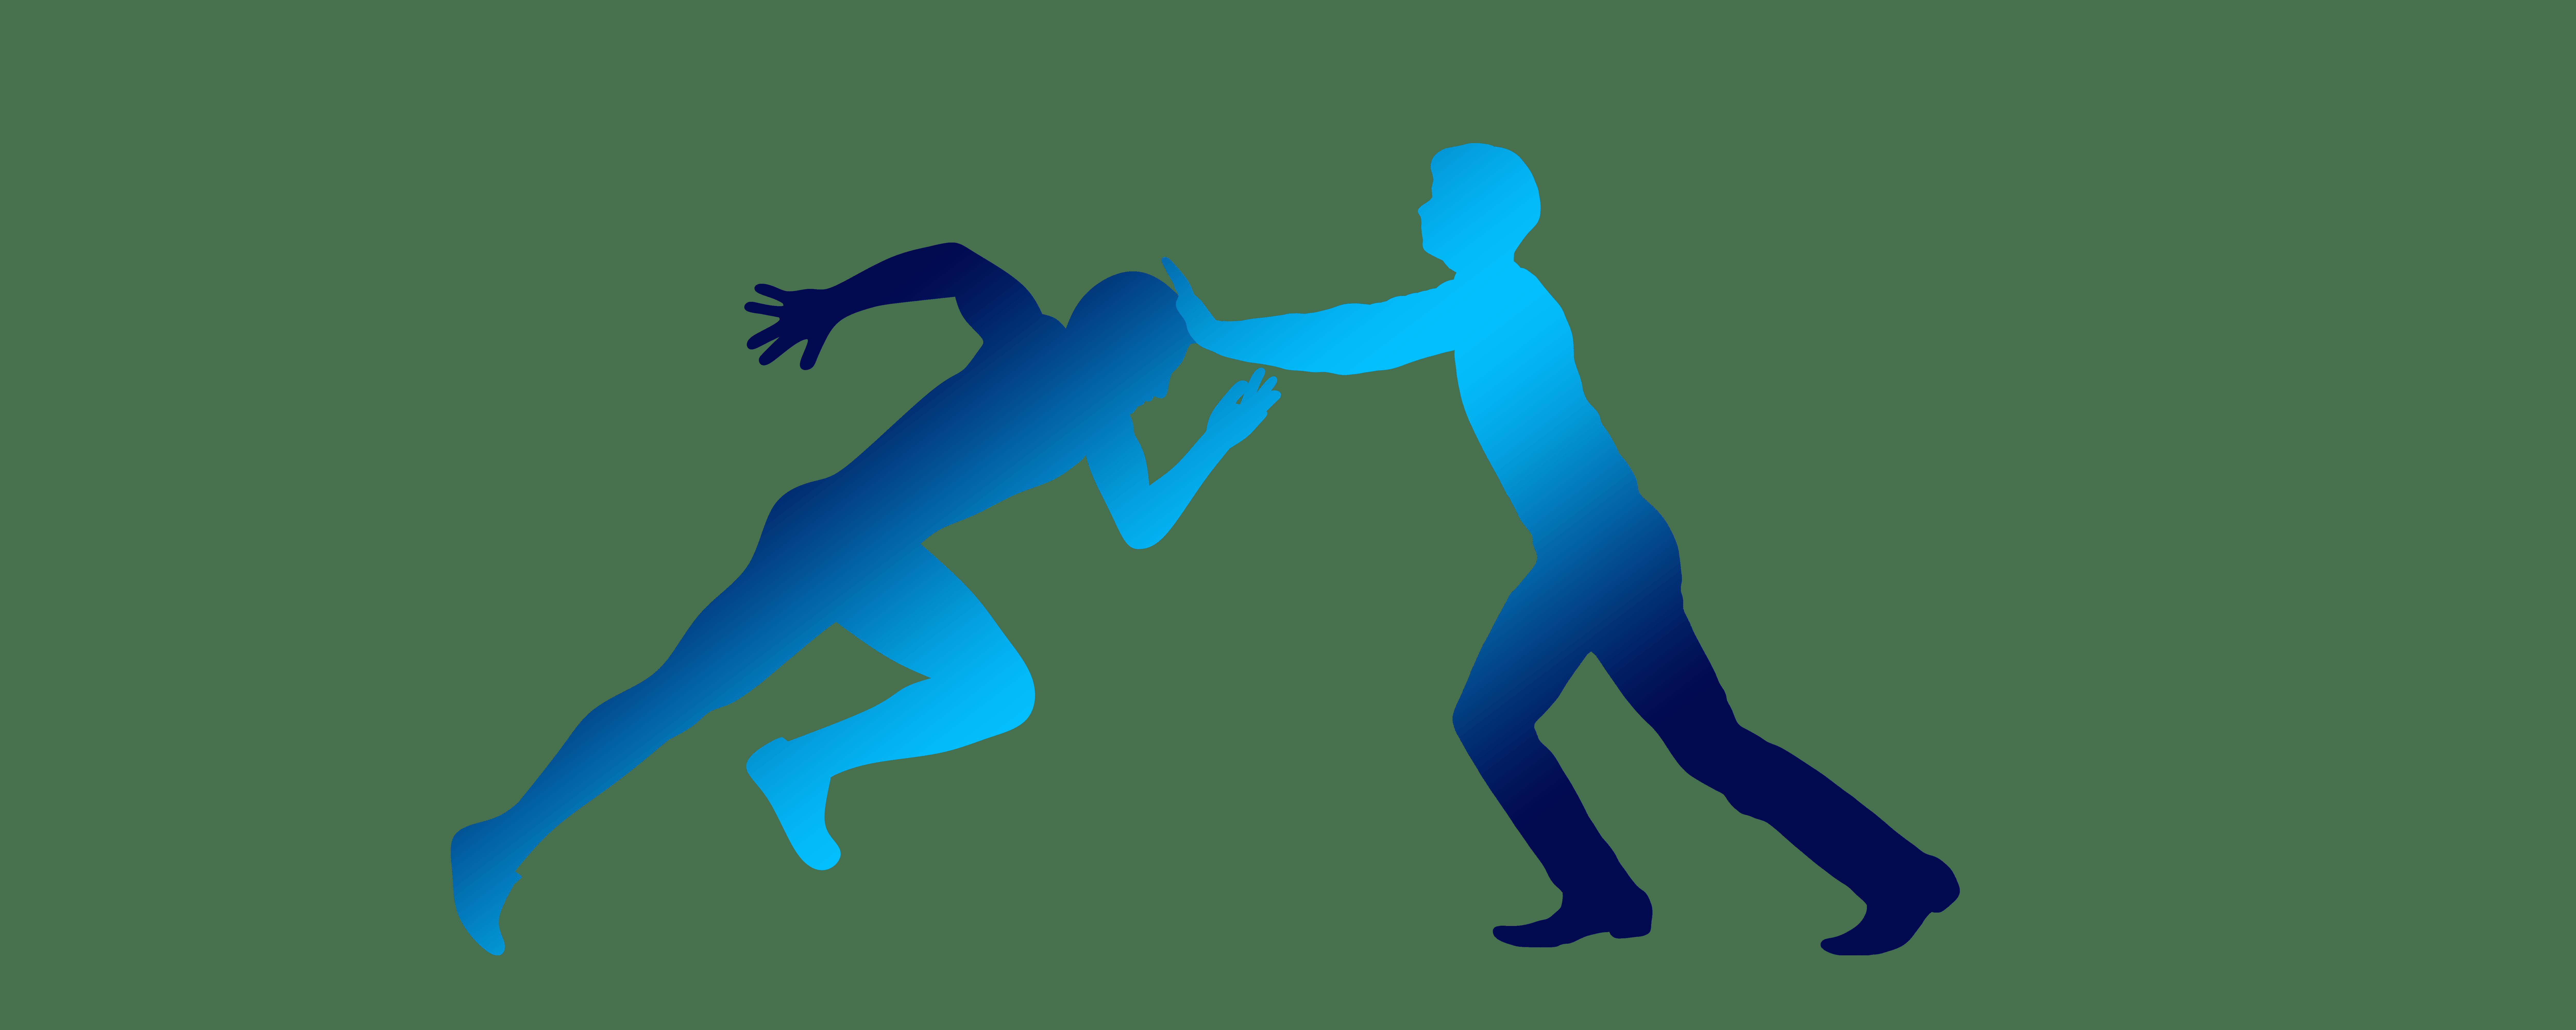 Silhouetten zweier Männer, von denen einer losrennen will, während der andere ihn stoppt als Symbol für den Effekt innerer Abwehr und kontraproduktiven Verhaltens während der Hypnose